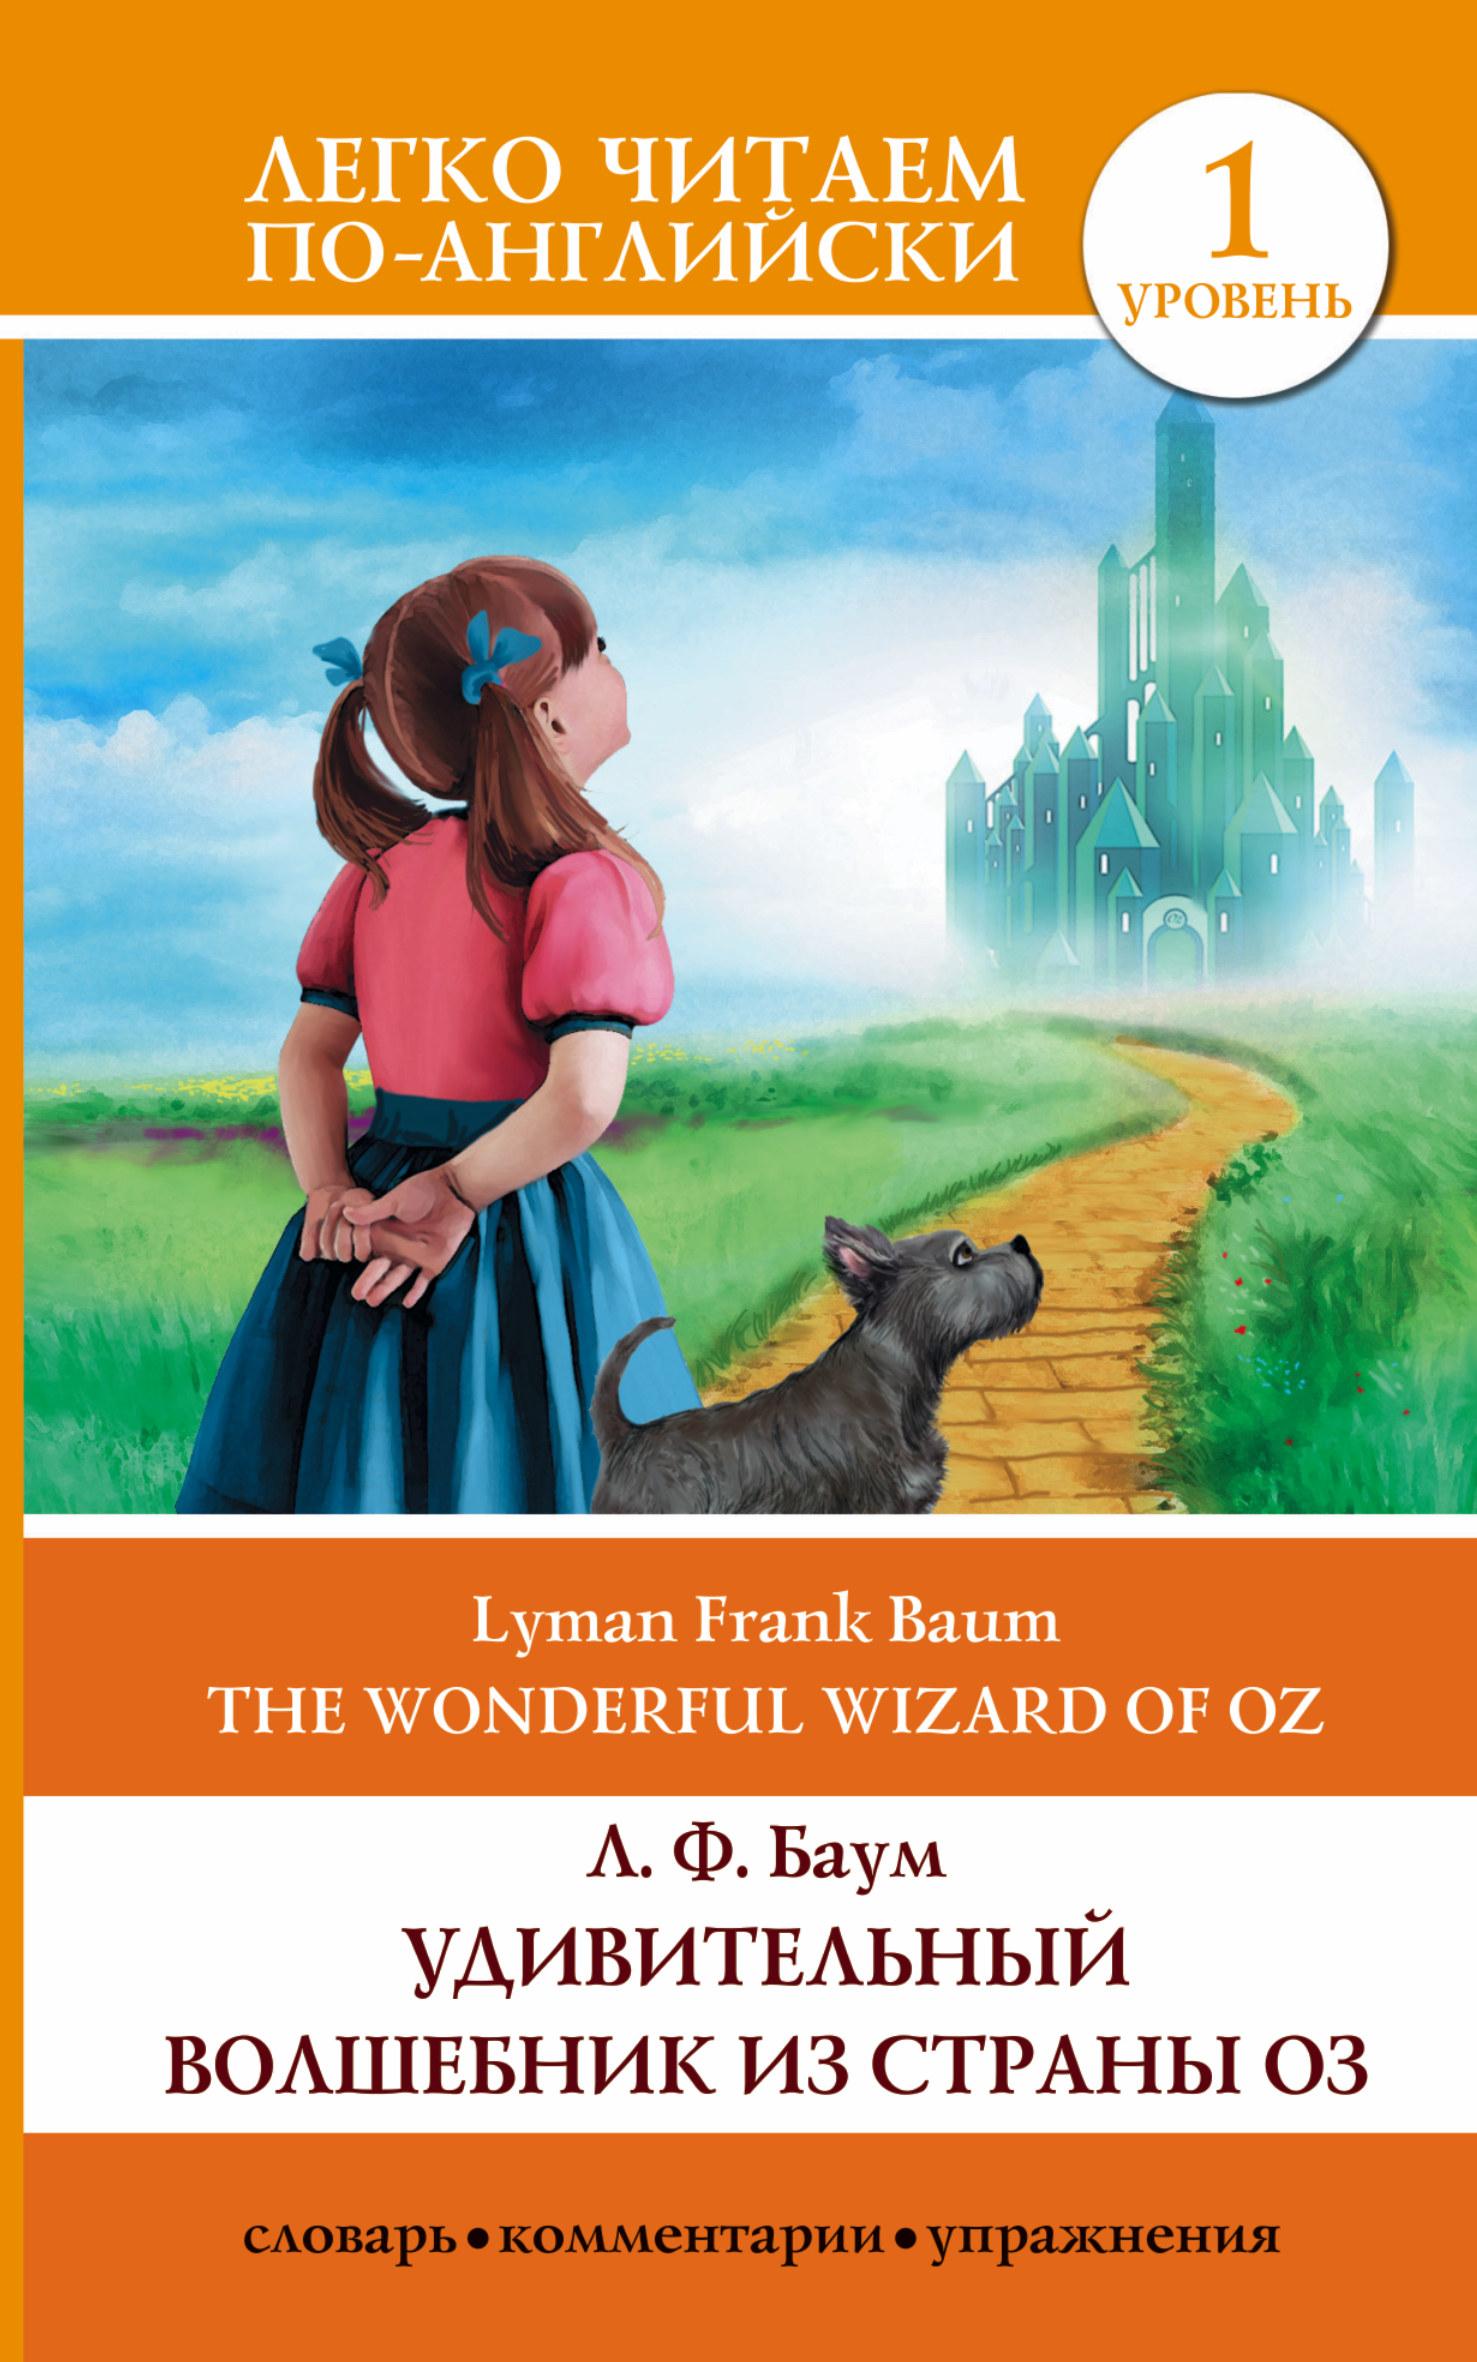 Л. Ф. Баум Удивительный волшебник из страны Оз = The Wonderful Wizard of Oz баум л ф чудеса страны оз [ the magic of oz]